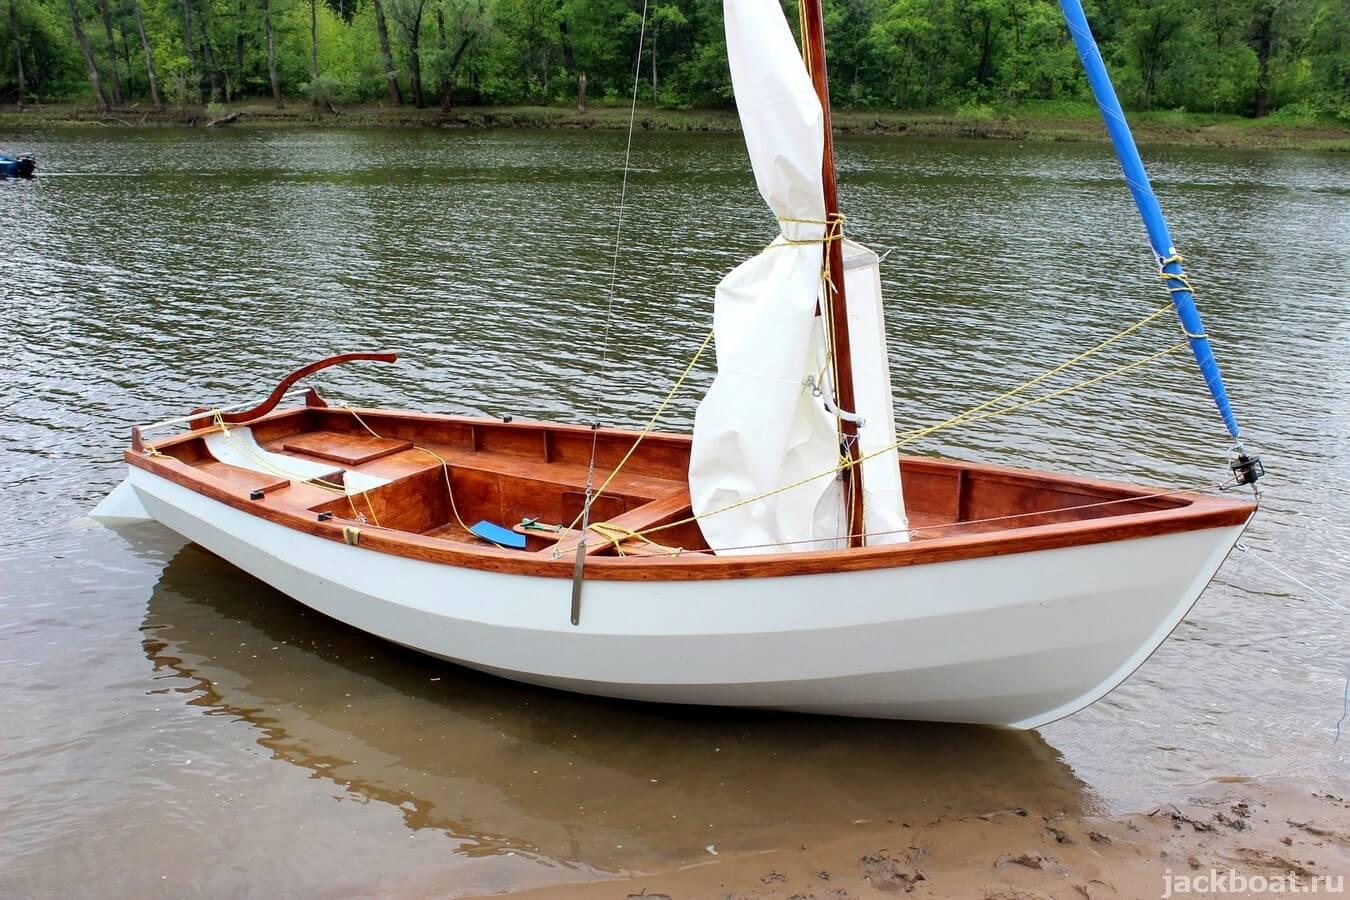 яхта дрескомб фото версии